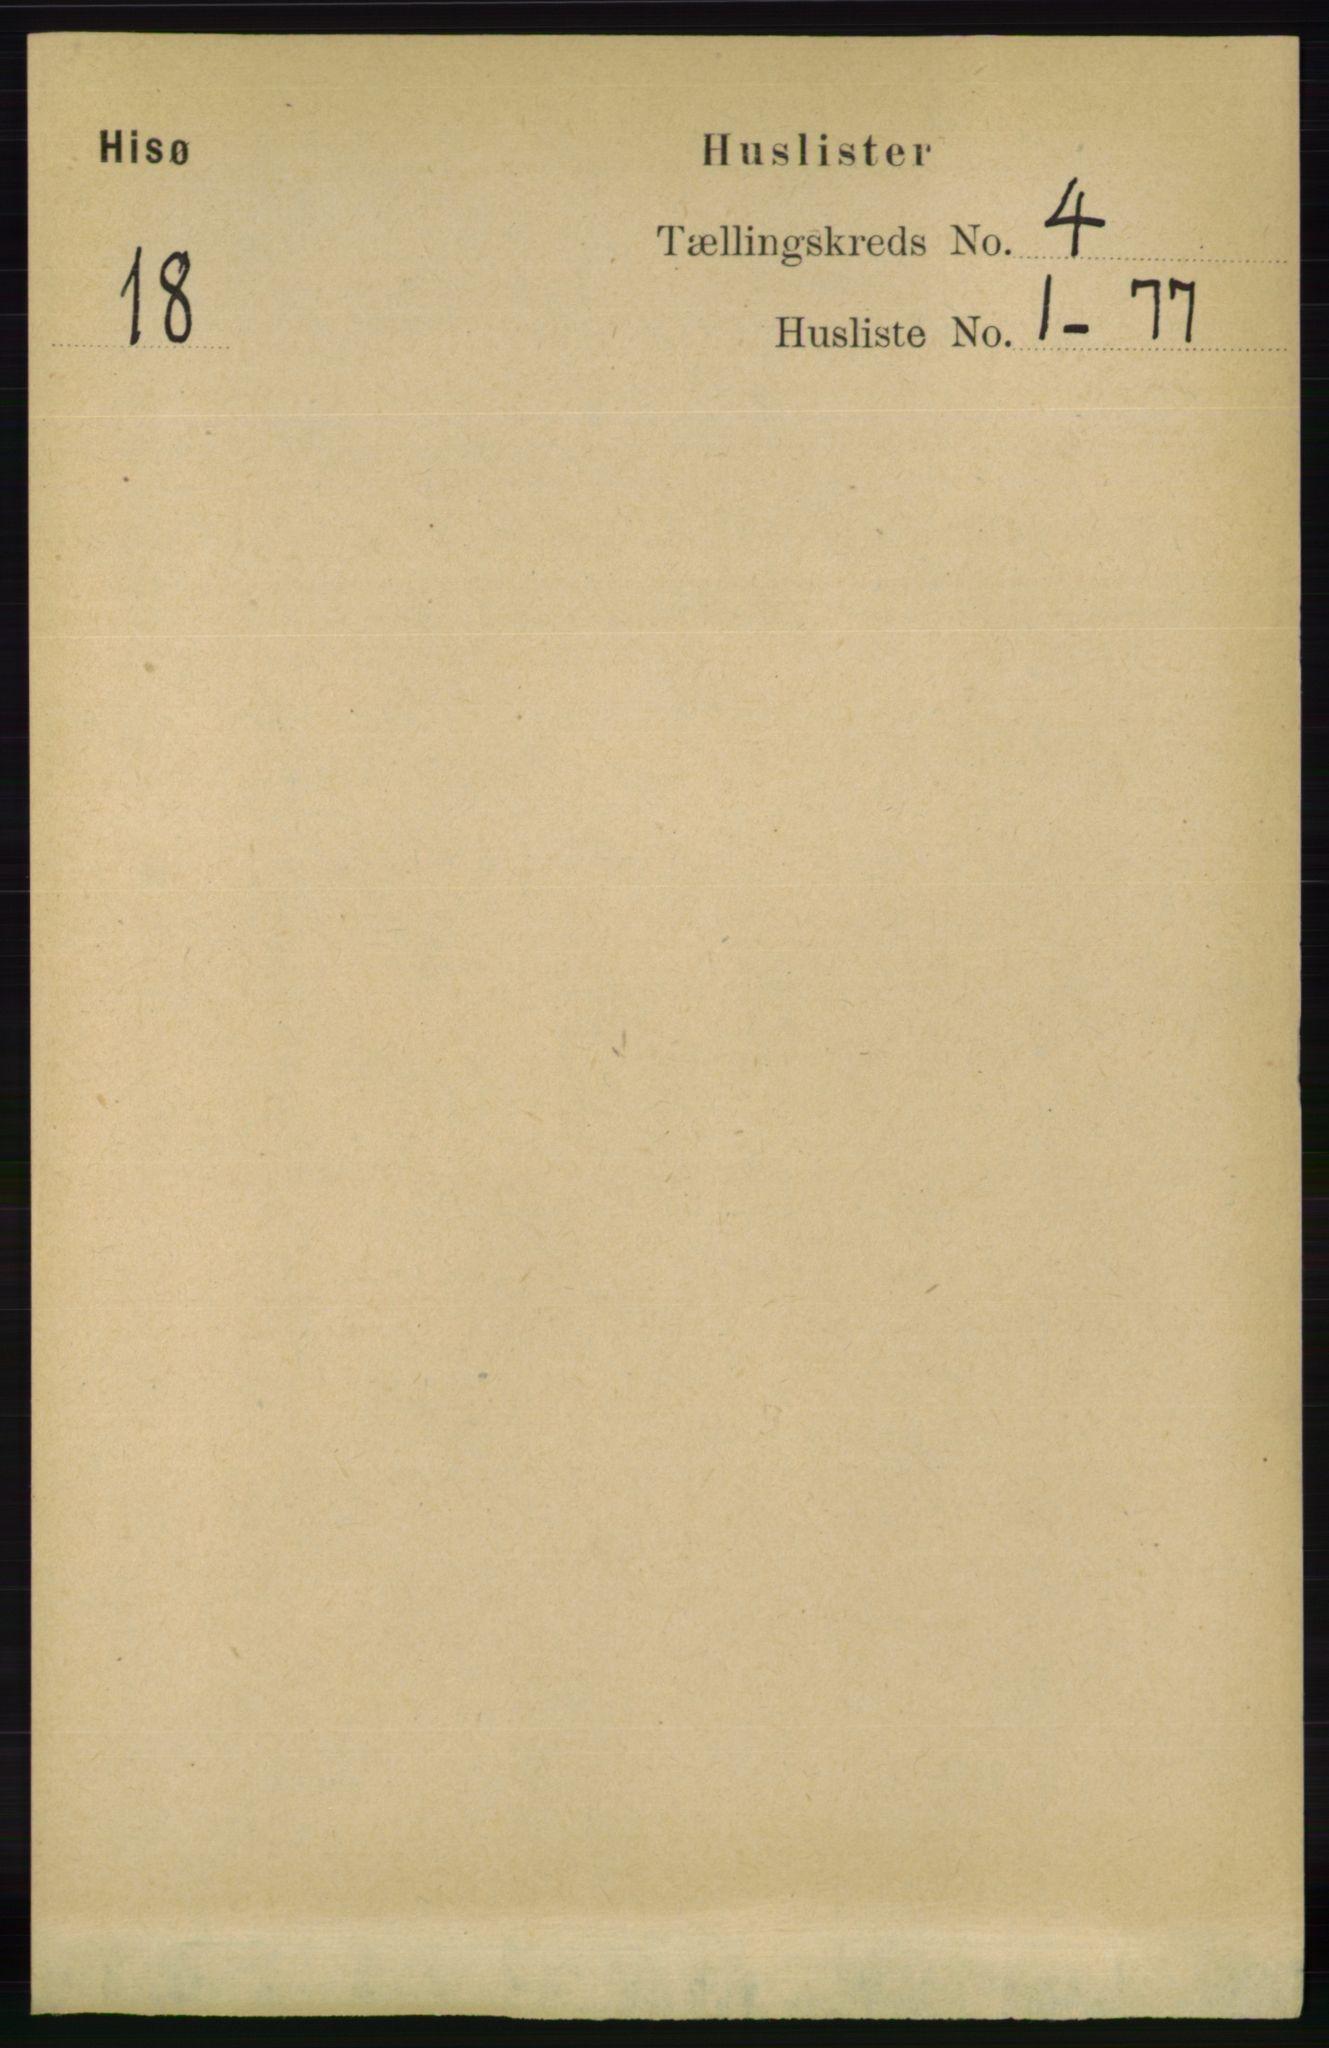 RA, Folketelling 1891 for 0922 Hisøy herred, 1891, s. 3229